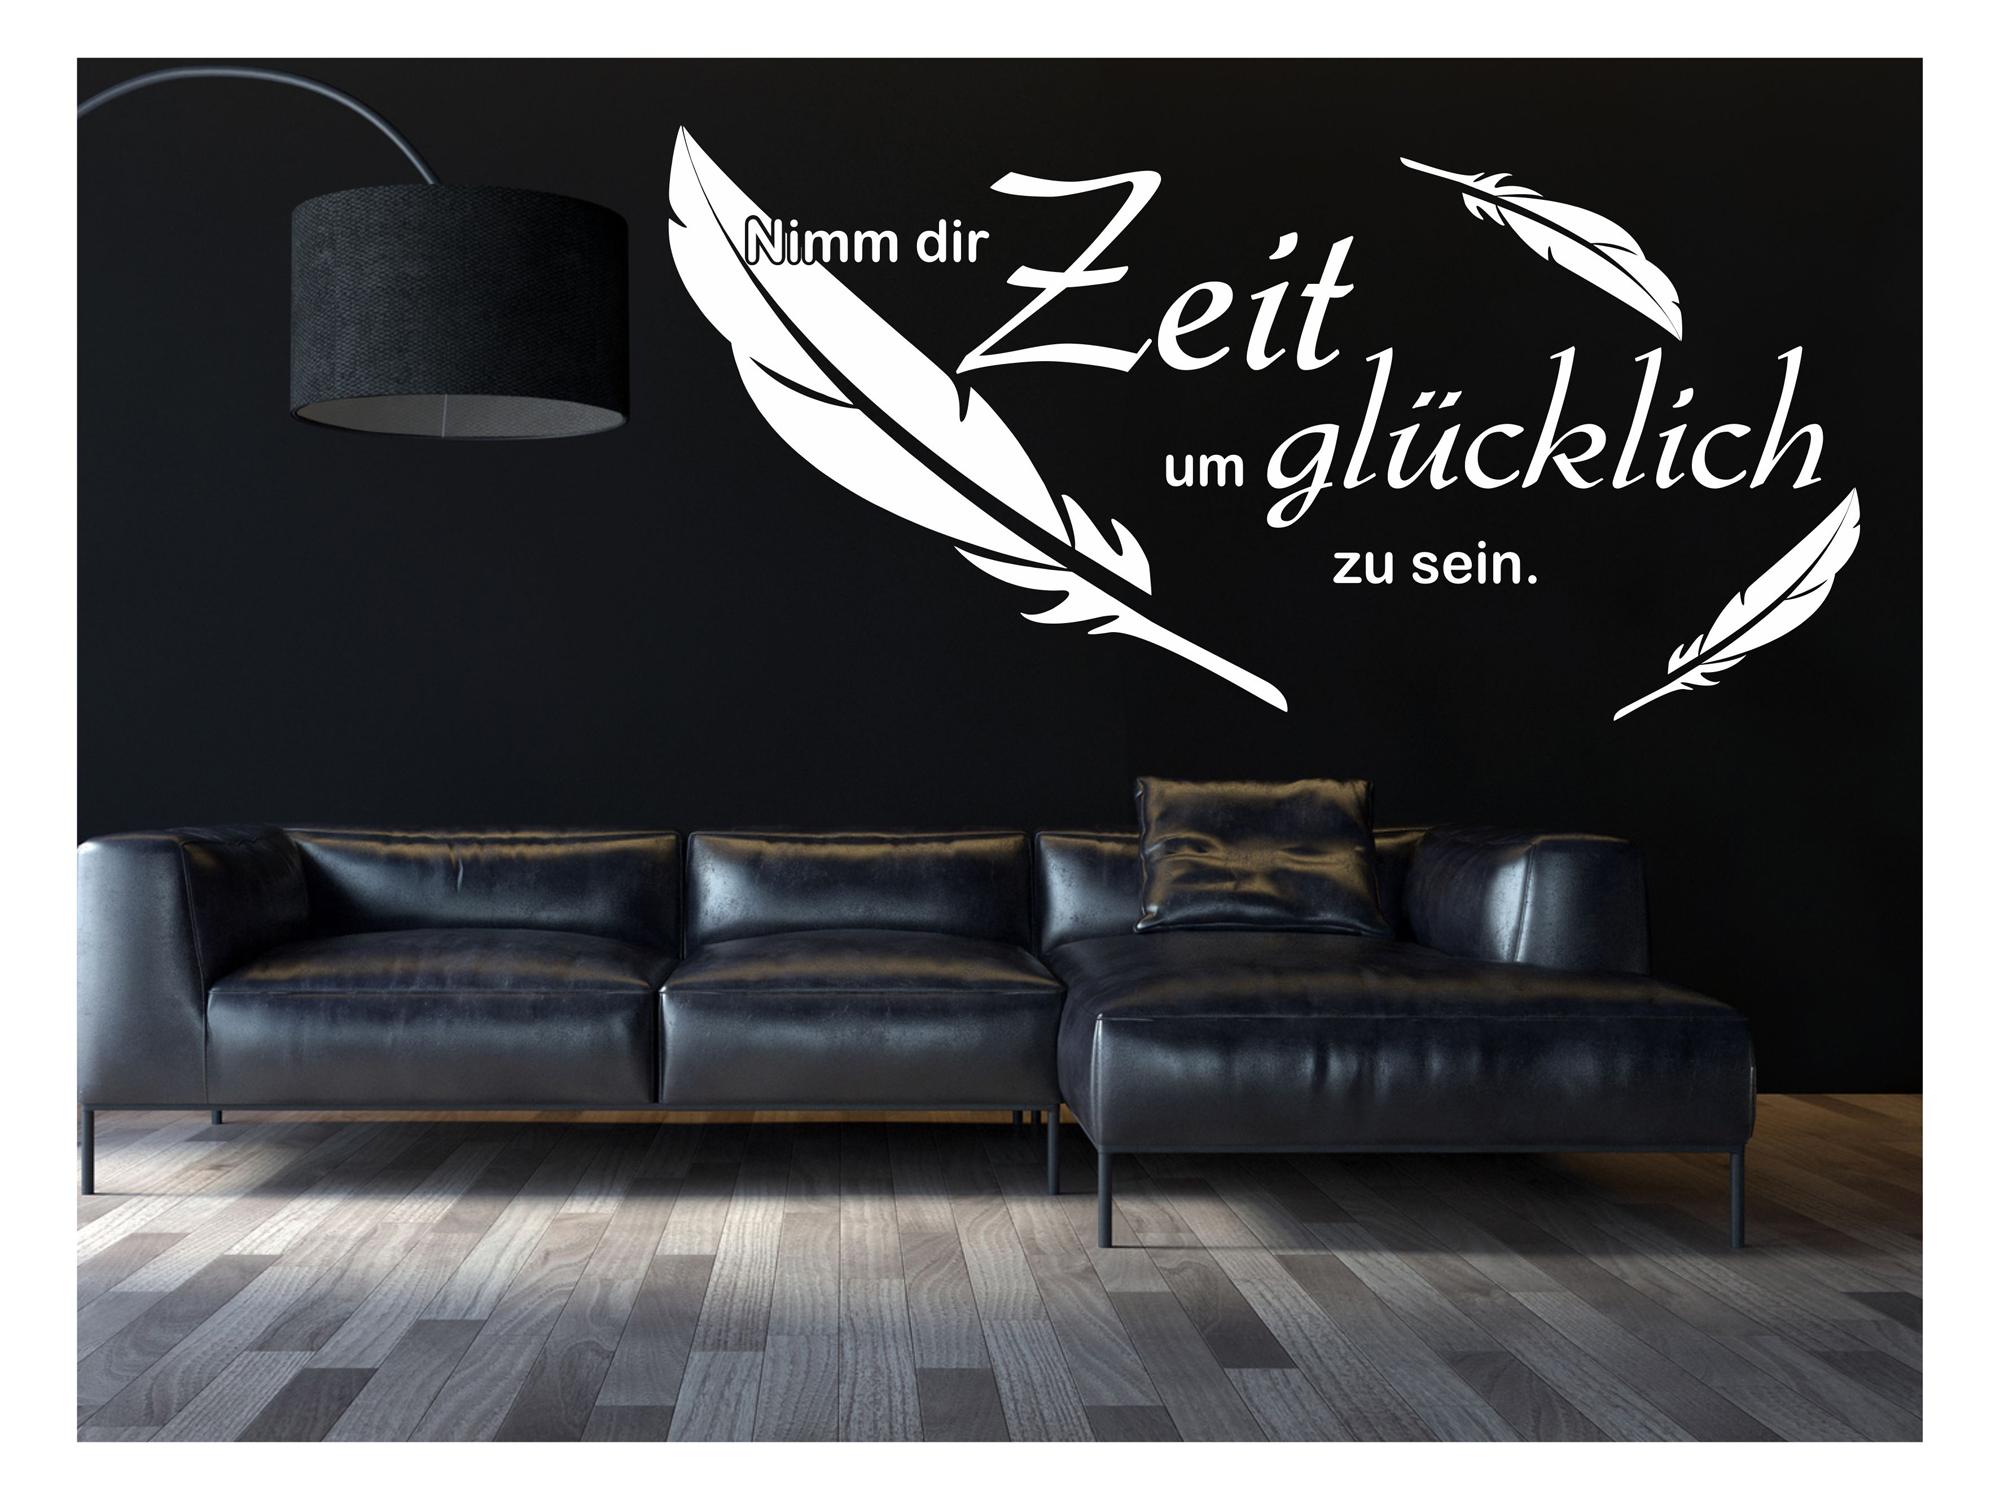 wandtattoo nimm dir zeit um gl cklich zu sein schlafzimmer wohnzimmerr 108 ebay. Black Bedroom Furniture Sets. Home Design Ideas